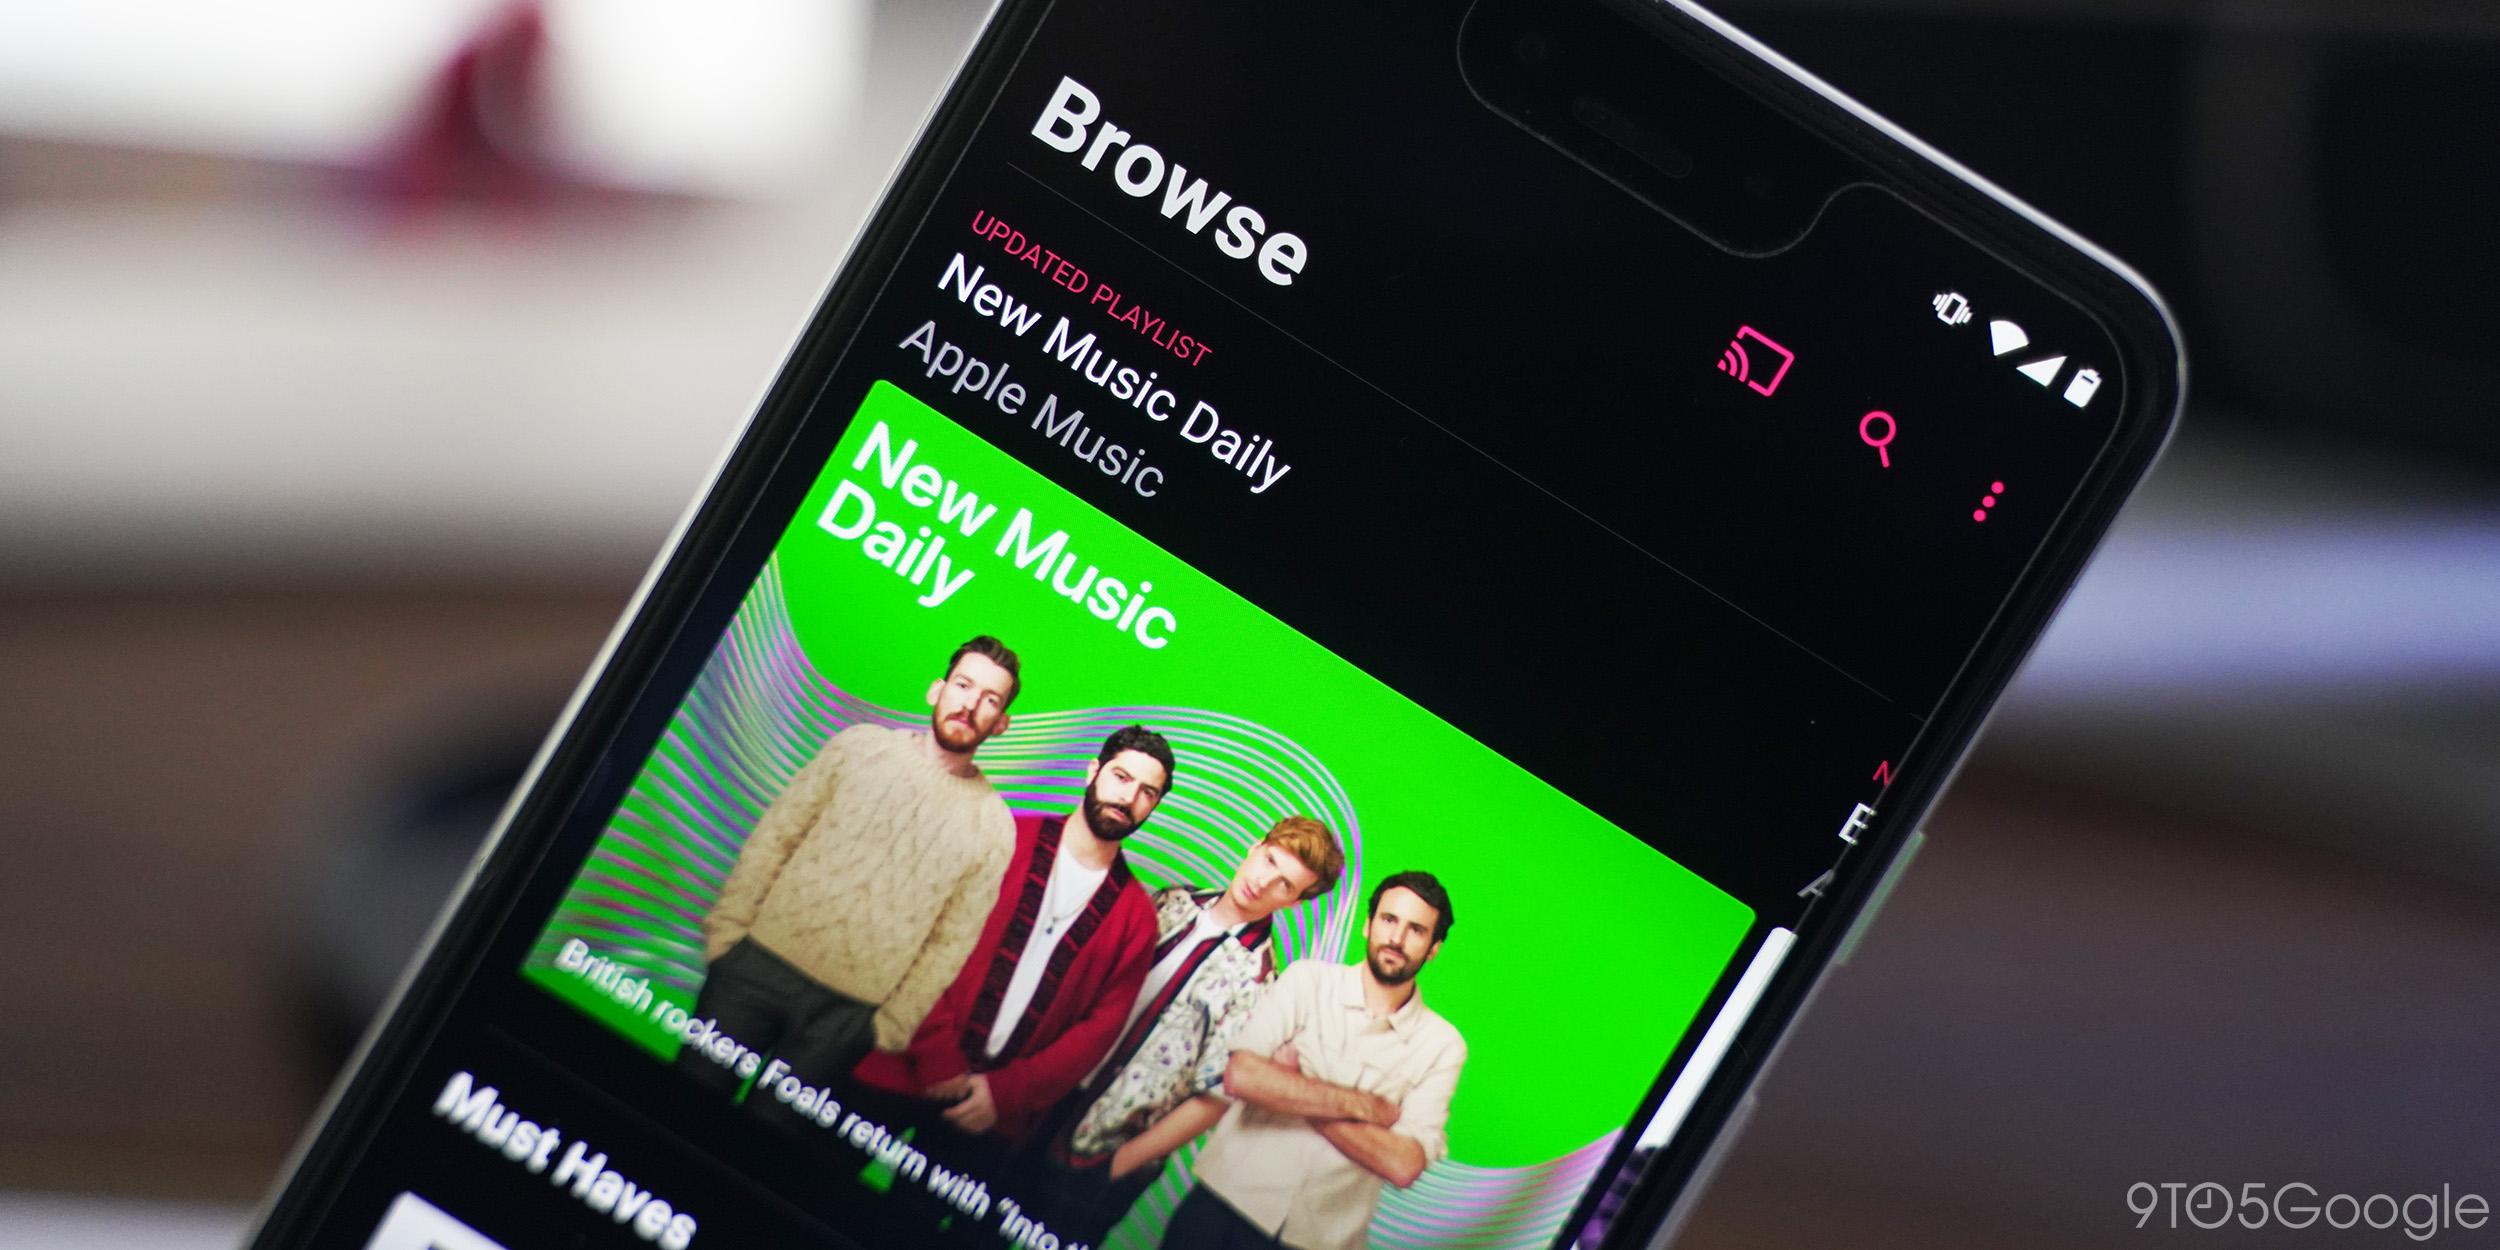 Apple Music sẽ cung cấp gói nghe nhạc lossless và Hi-Res